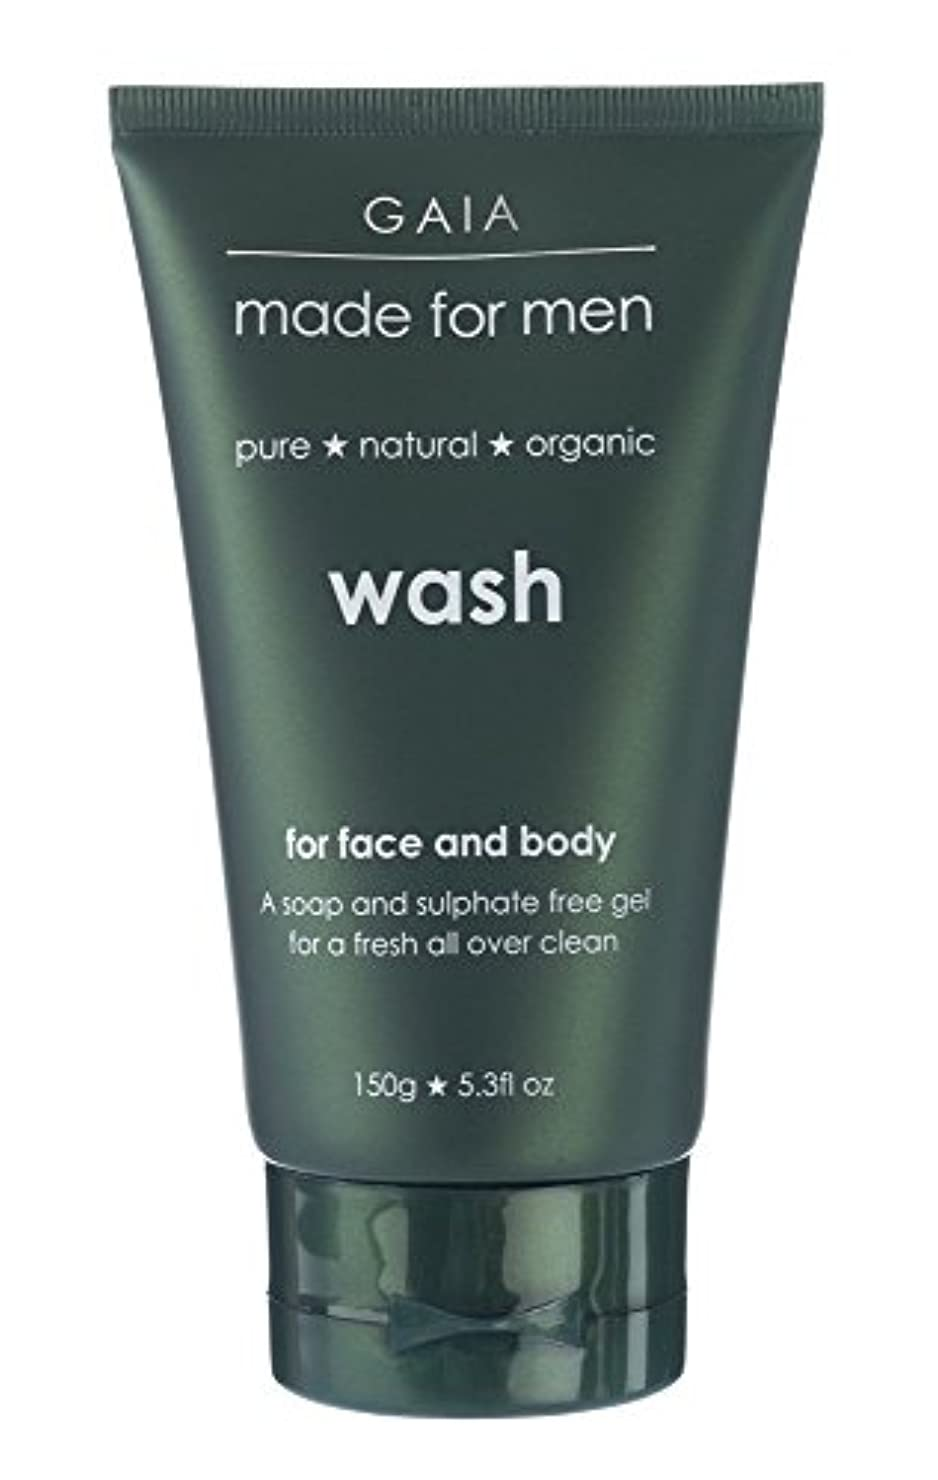 遠近法いたずらモスク【GAIA】Face & Body Wash made for men ガイア メンズ フェイス&ボディウォッシュ 150g 3本セット